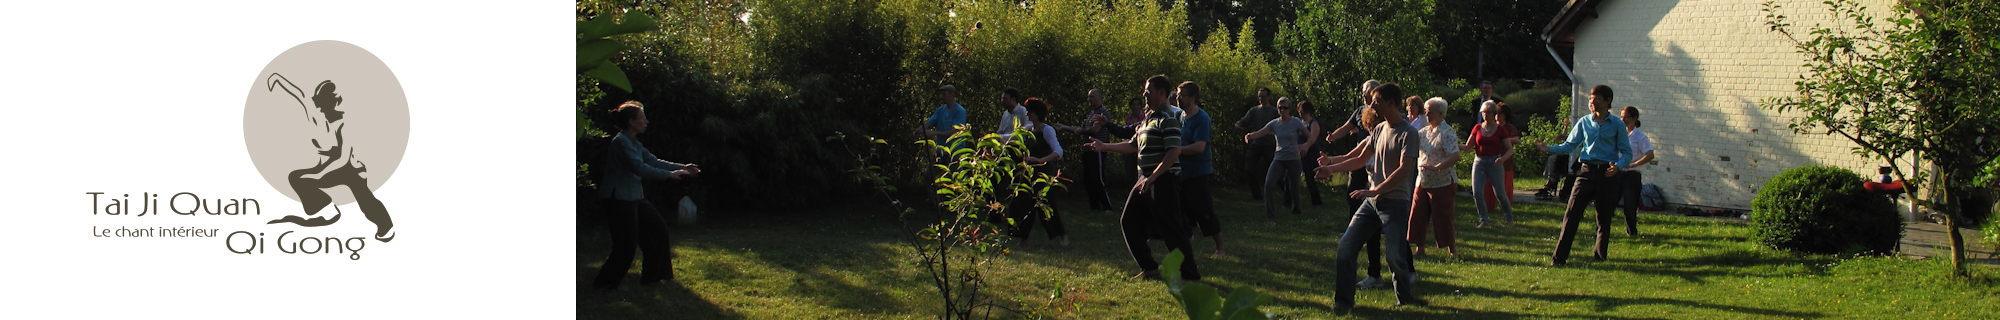 Pratique de Tai chi dans le jardin